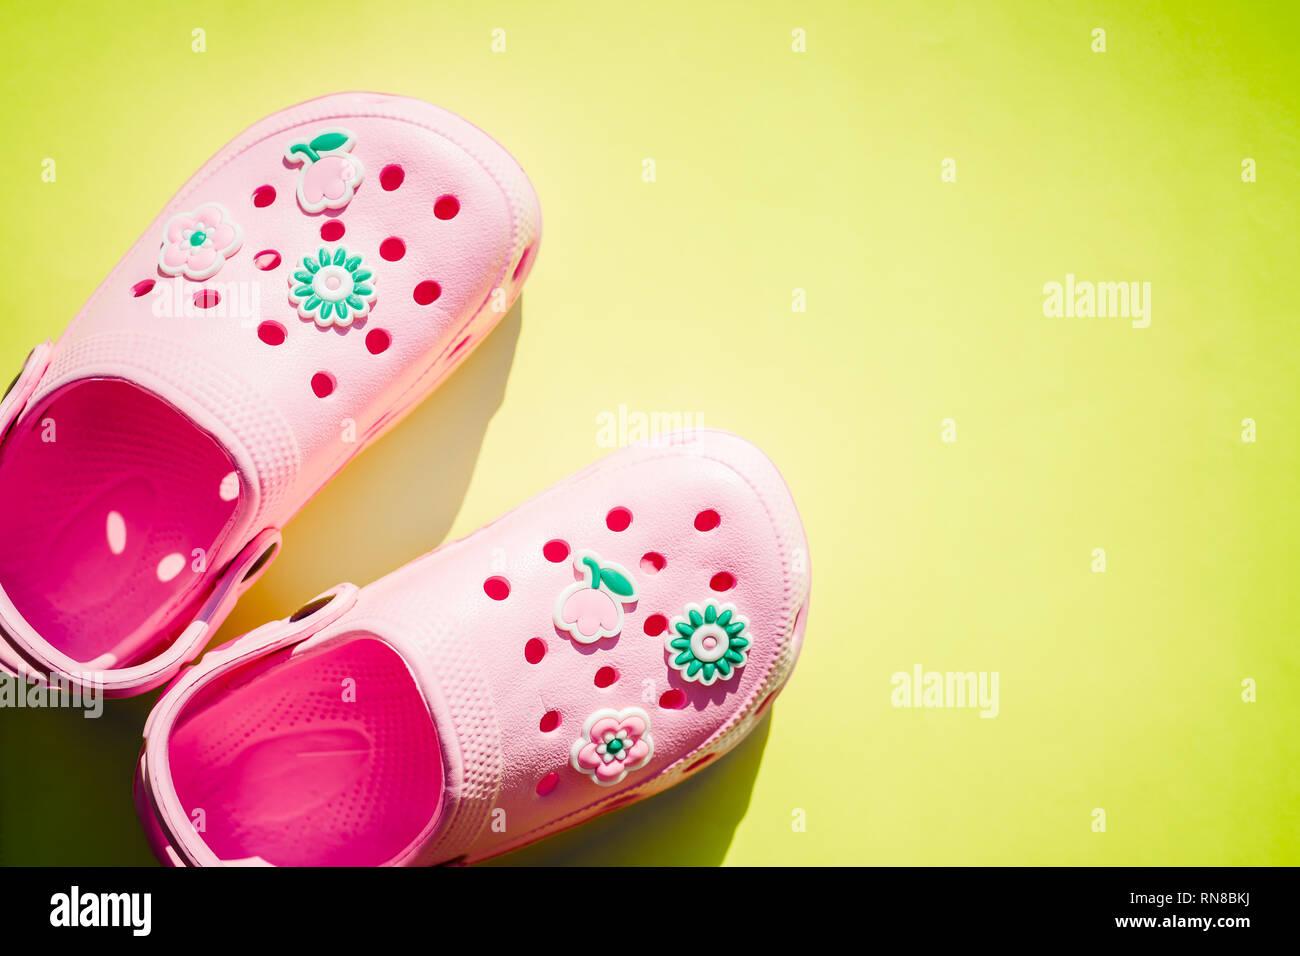 ac2f0a31ad0ee Sandales rose isolé sur fond lumineux.chaussures en caoutchouc sur un fond  blanc. Les